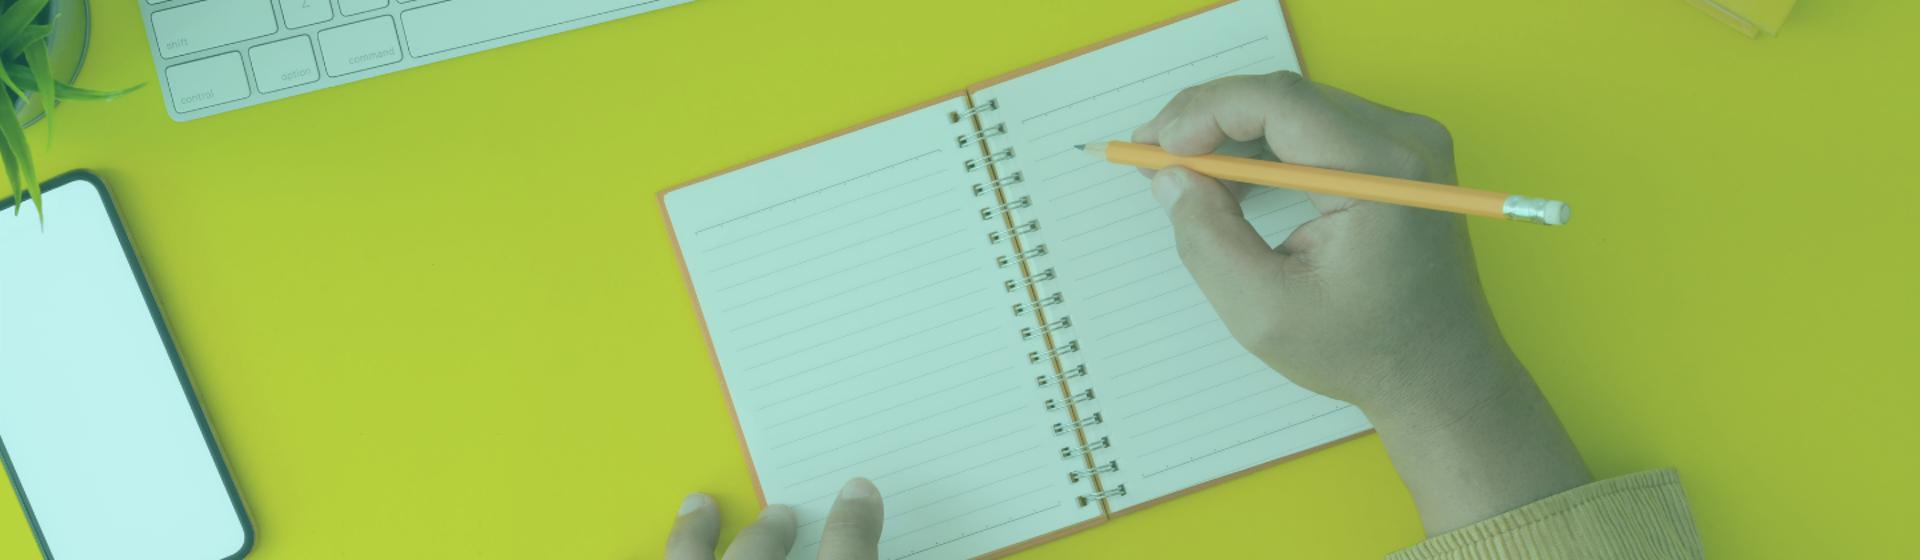 ¿Qué es la escritura argumentativa?: ¡convence a tu lector!